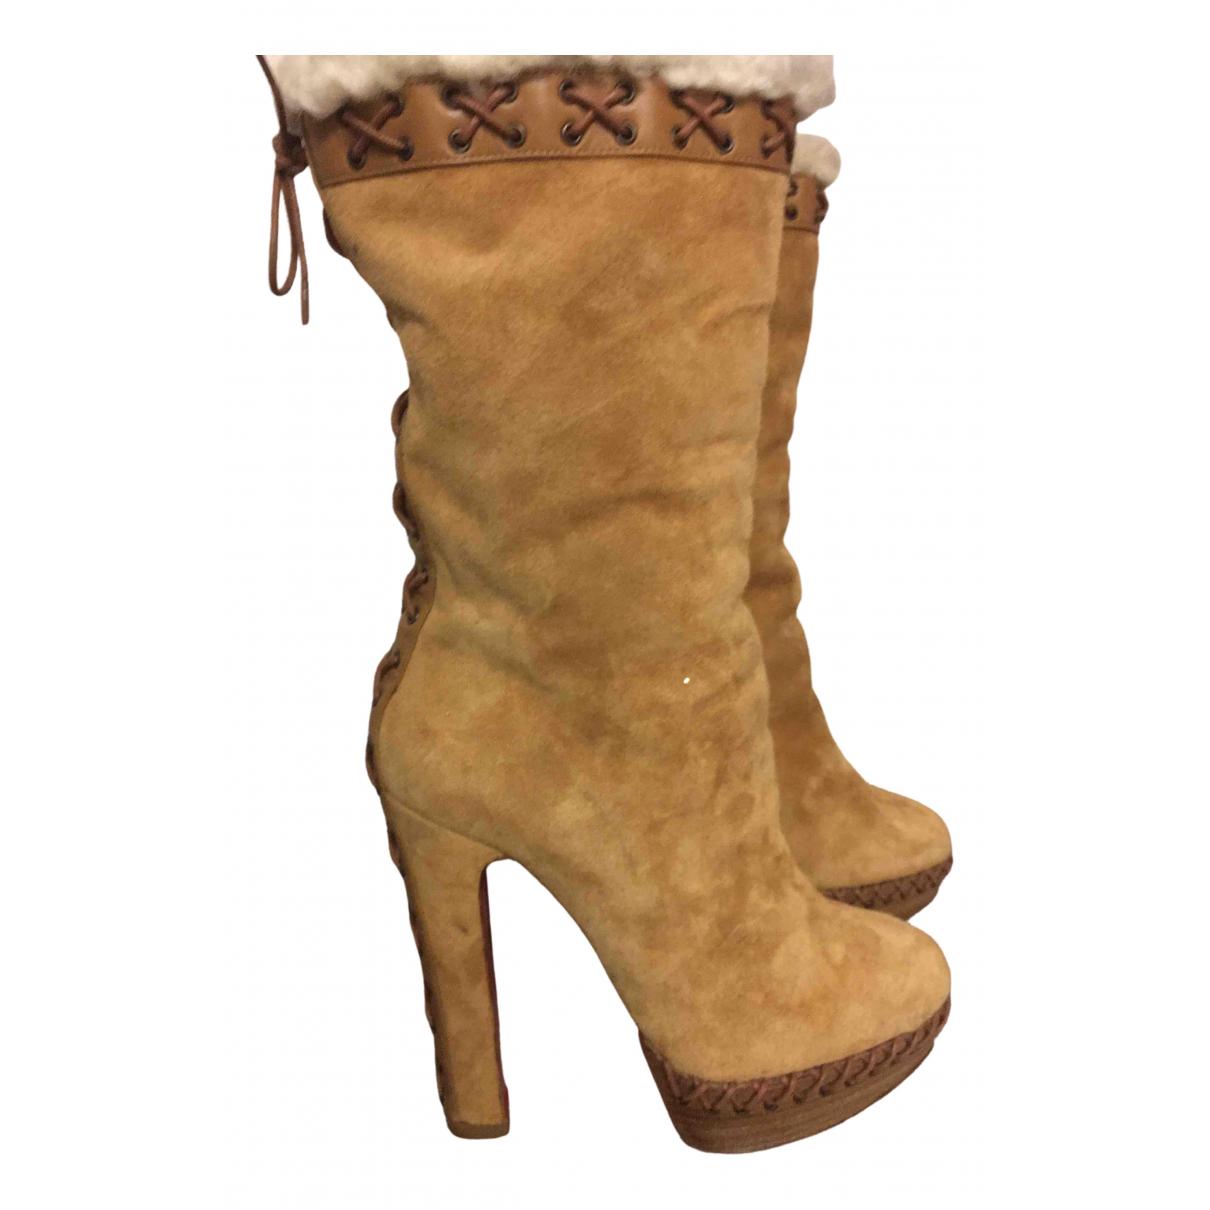 Christian Louboutin - Bottes   pour femme en cuir - beige